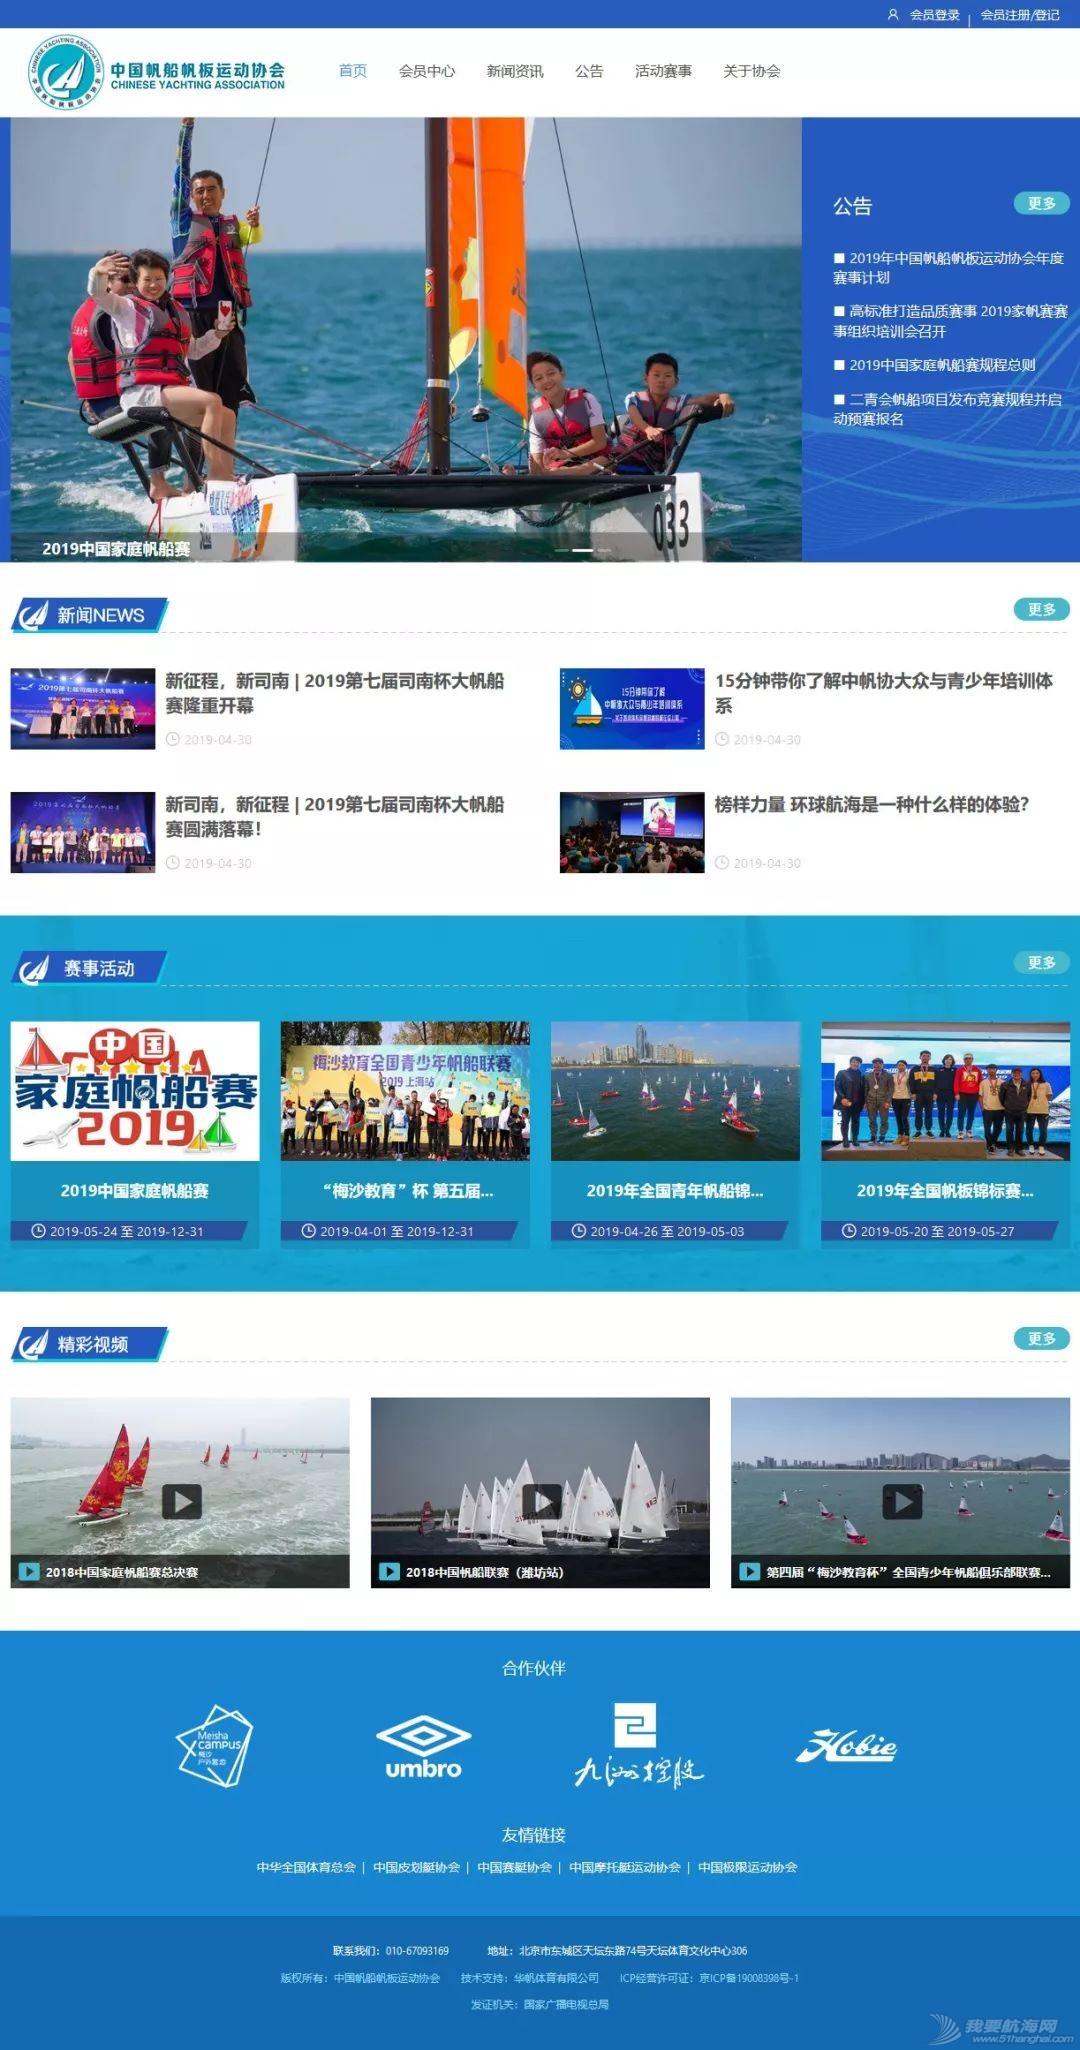 中国帆船帆板运动协会官方网站全新改版上线w2.jpg